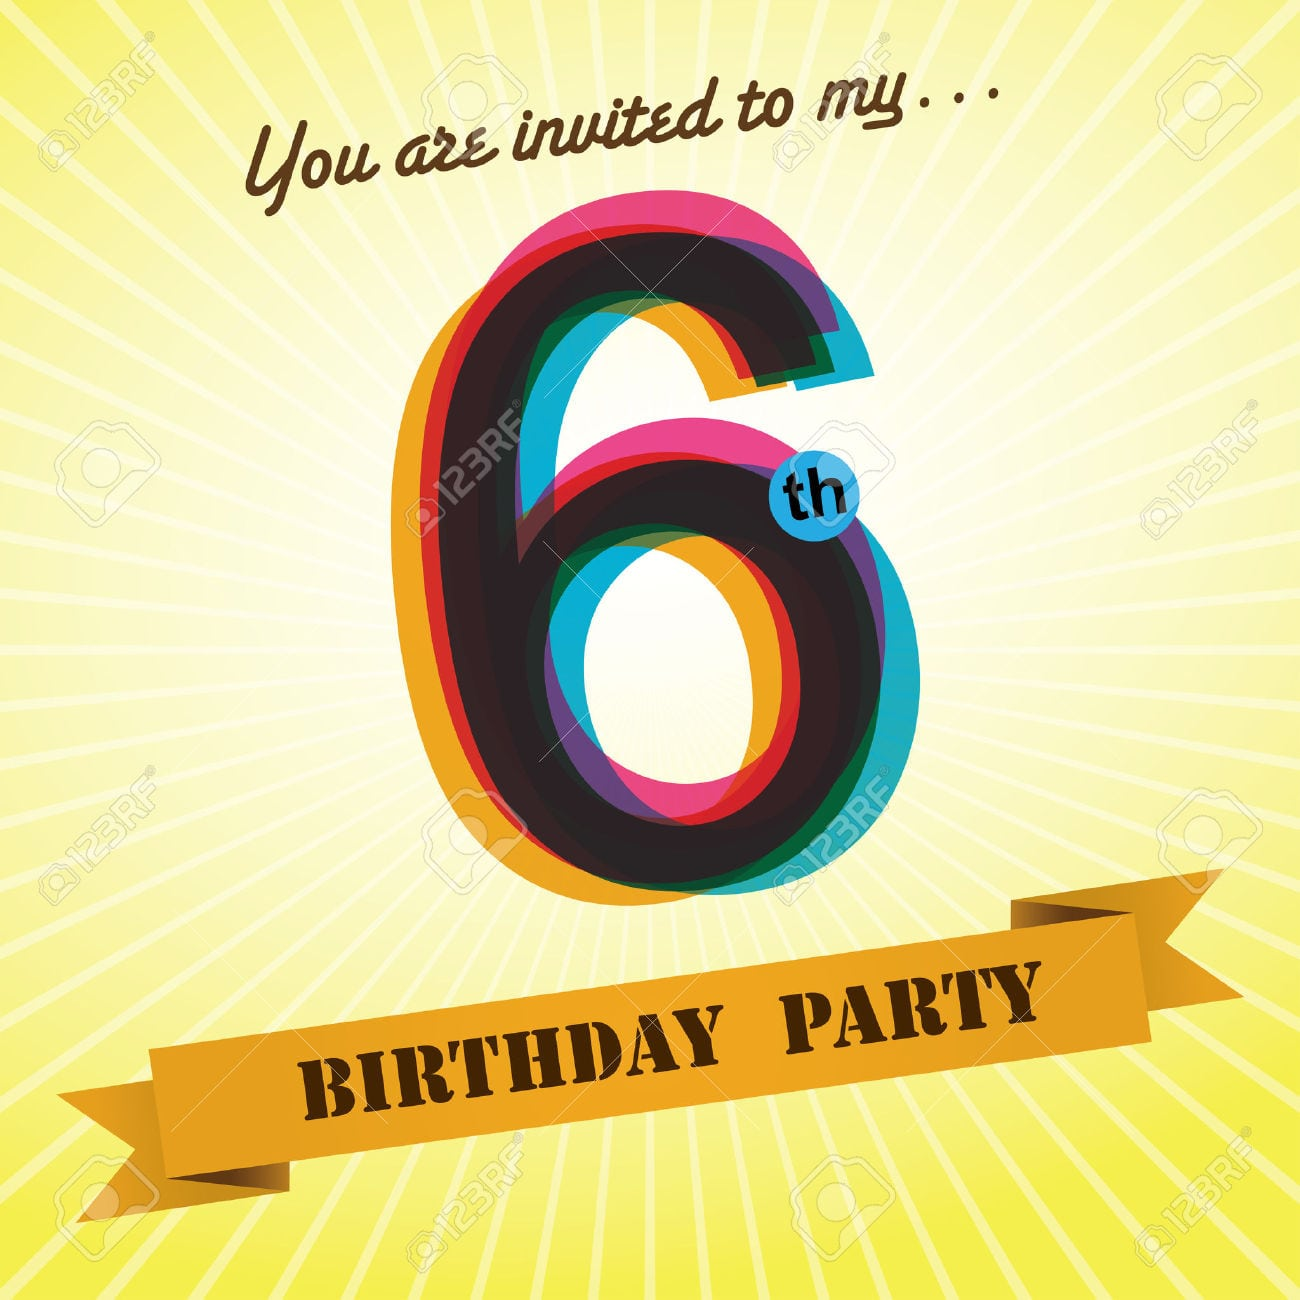 6th Birthday Party Invite Template Design Retro Style